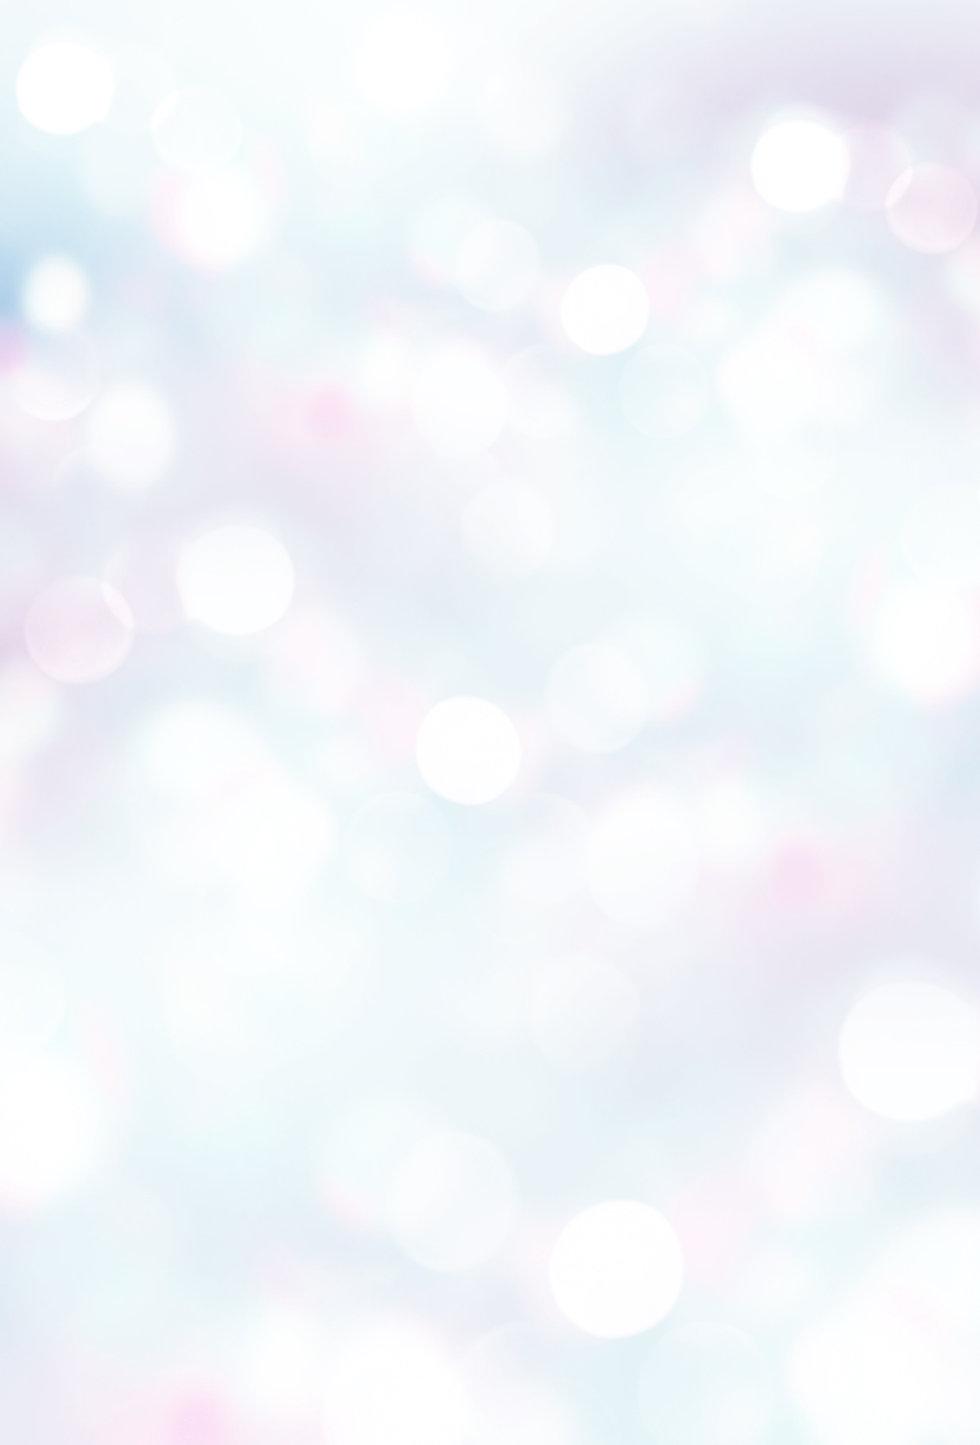 光_web_long_color.jpg